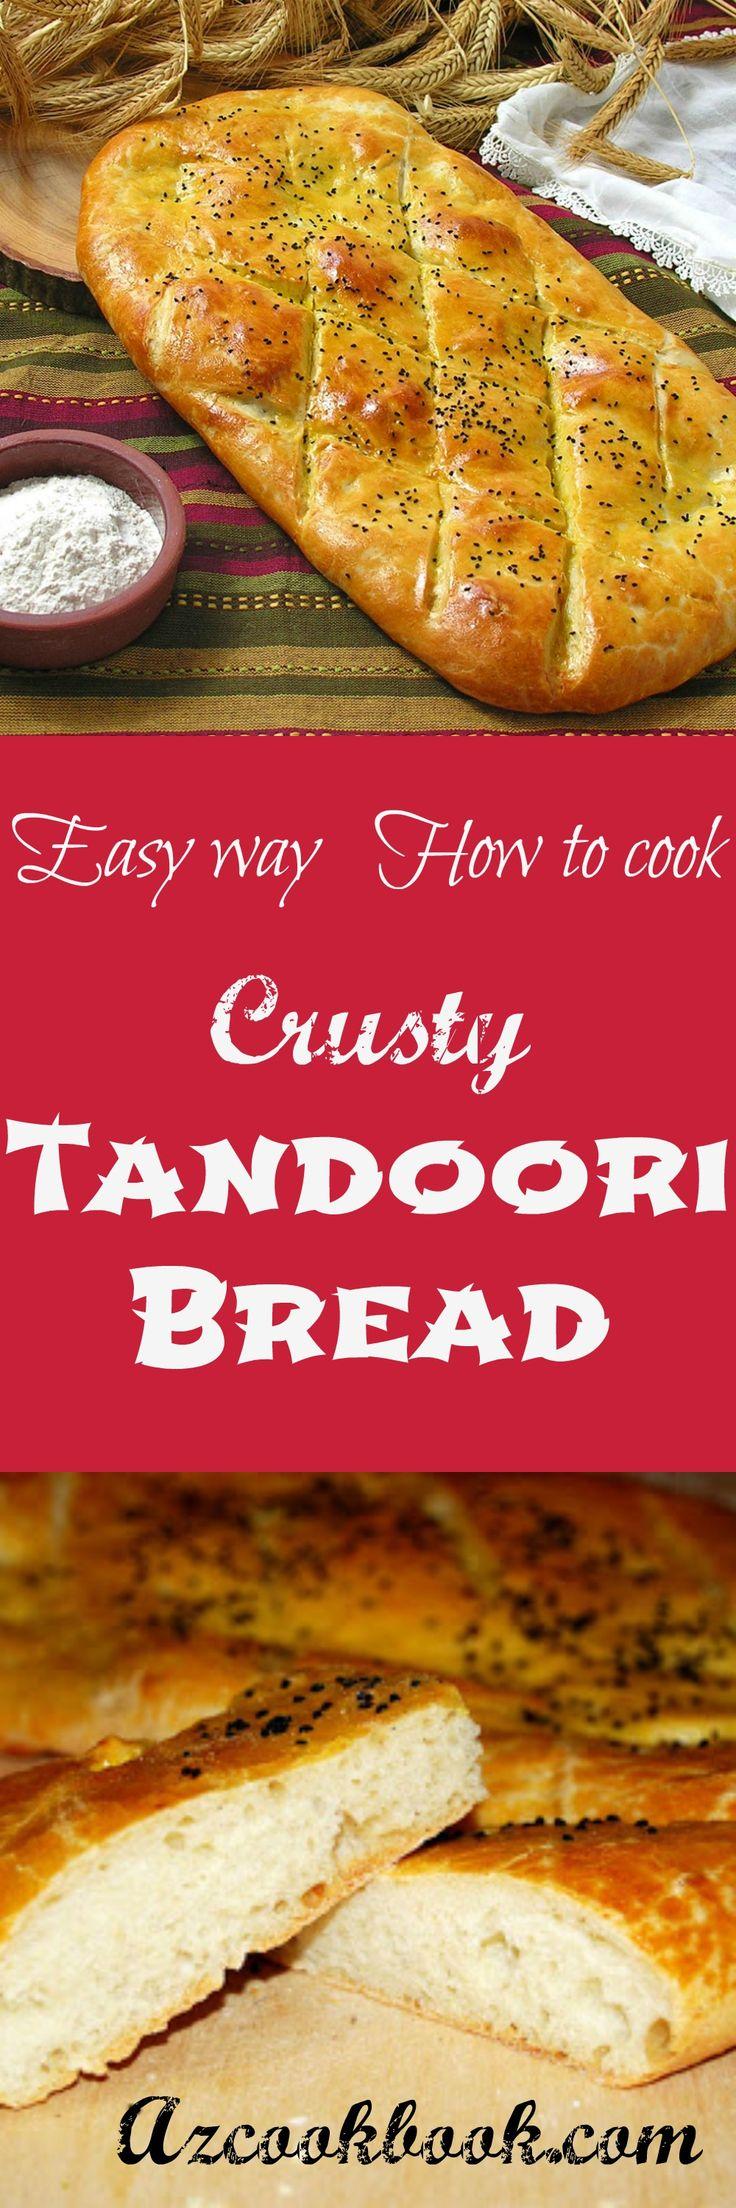 Fresh Crusty Tandoori Bread. #yummy #bread #easyrecipe |Azcookbook.com